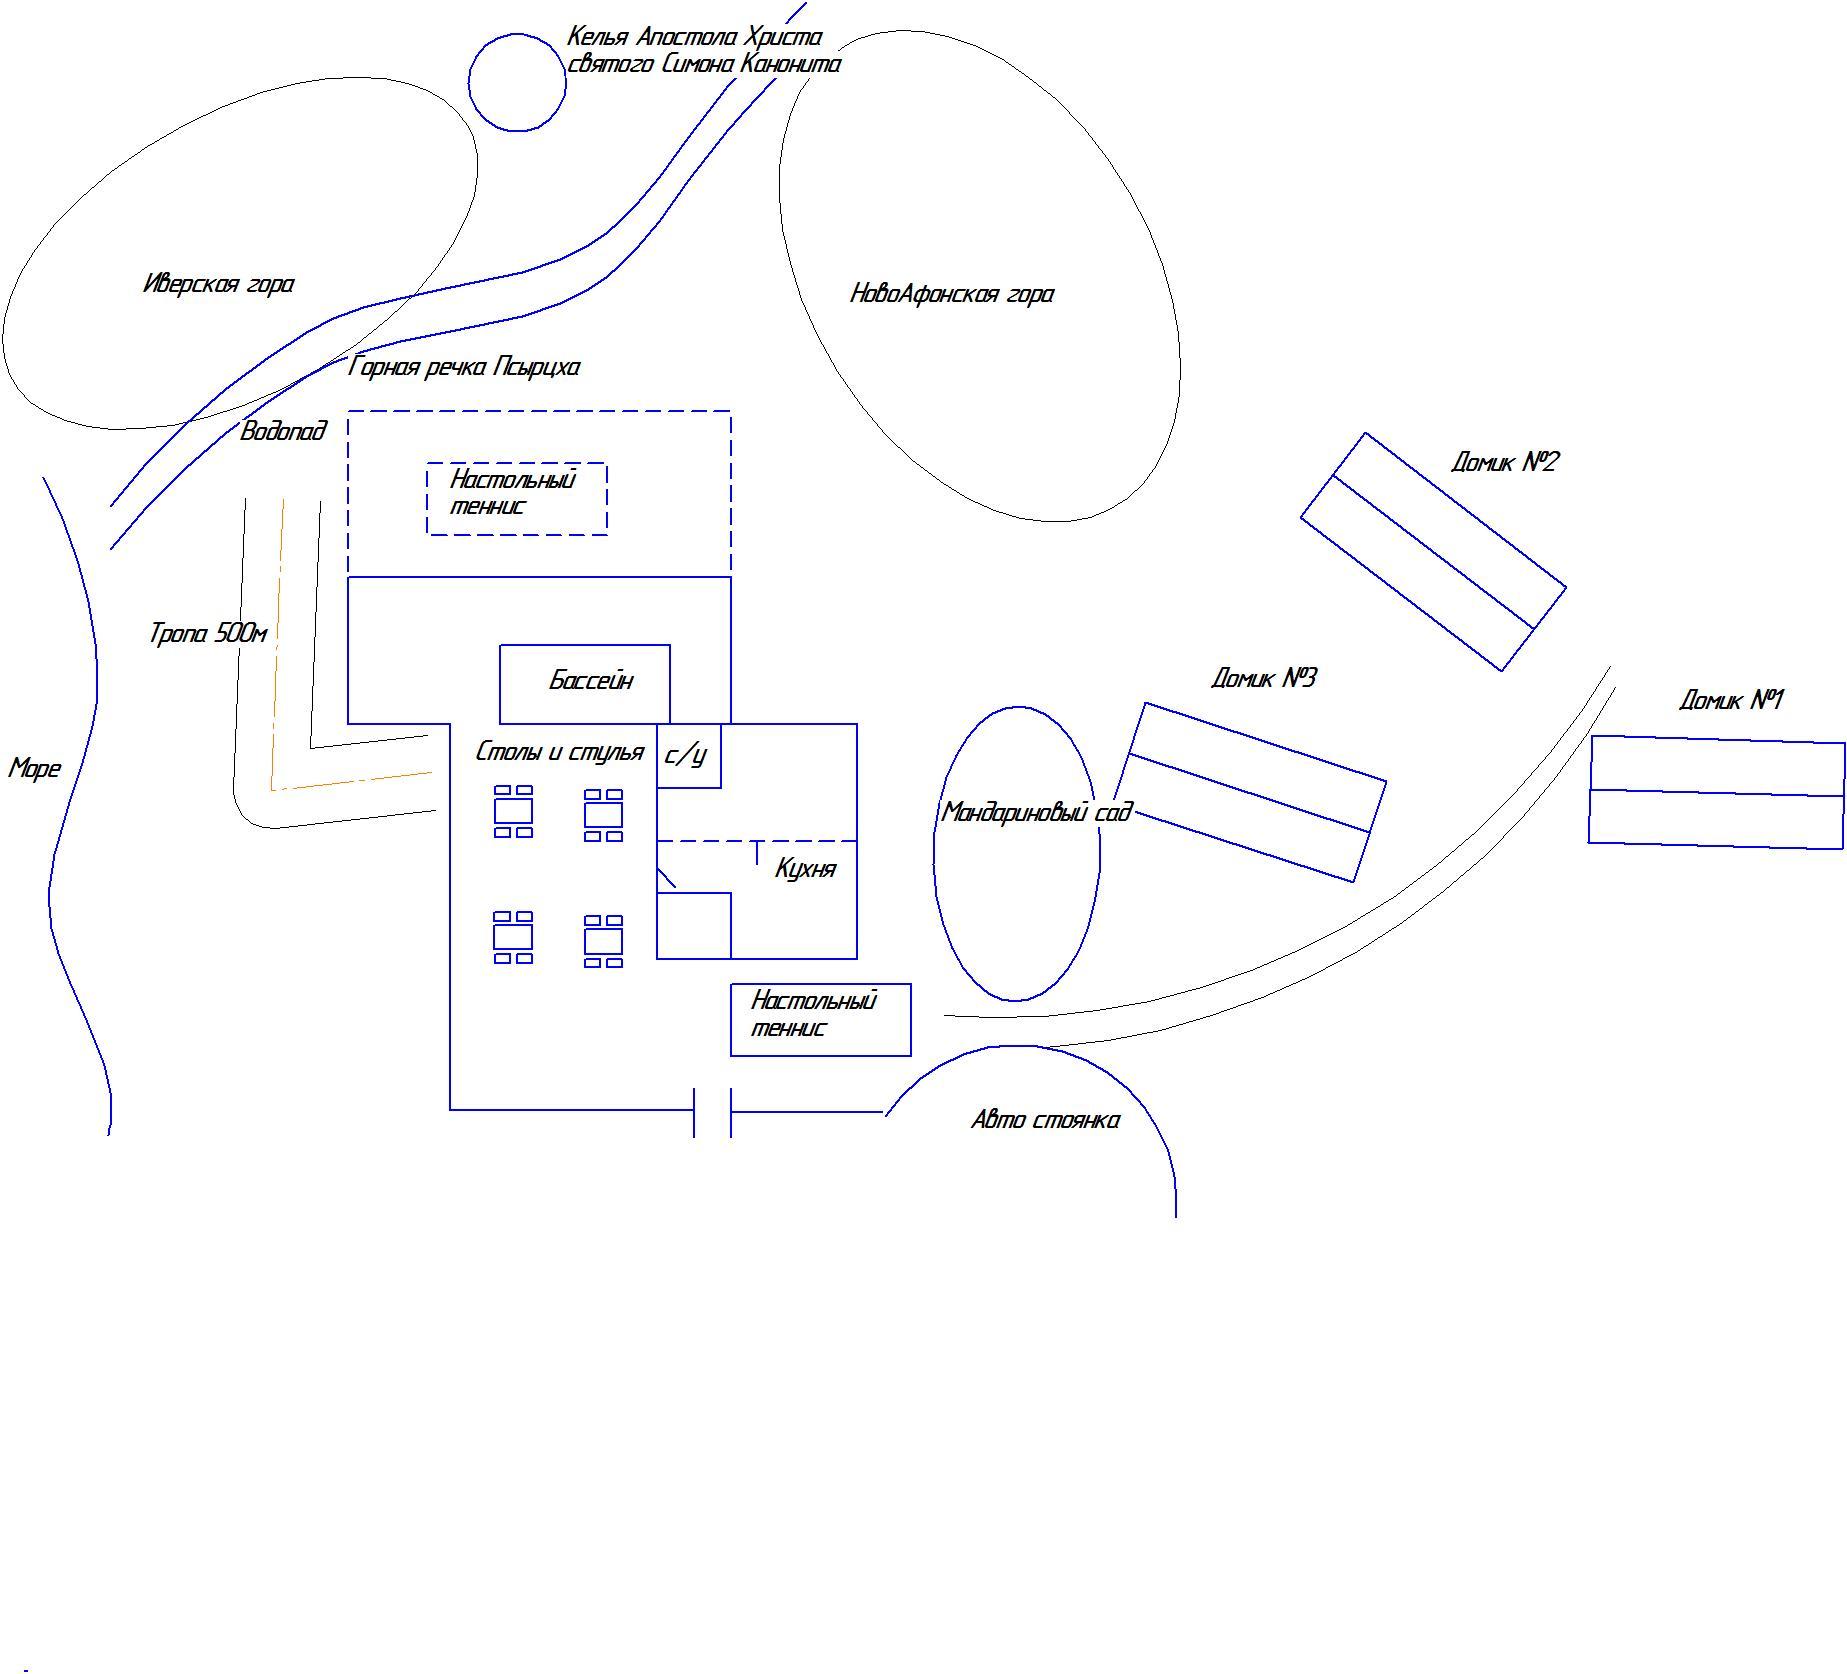 Схема отеля - домики, территория, главный корпус 1 этаж